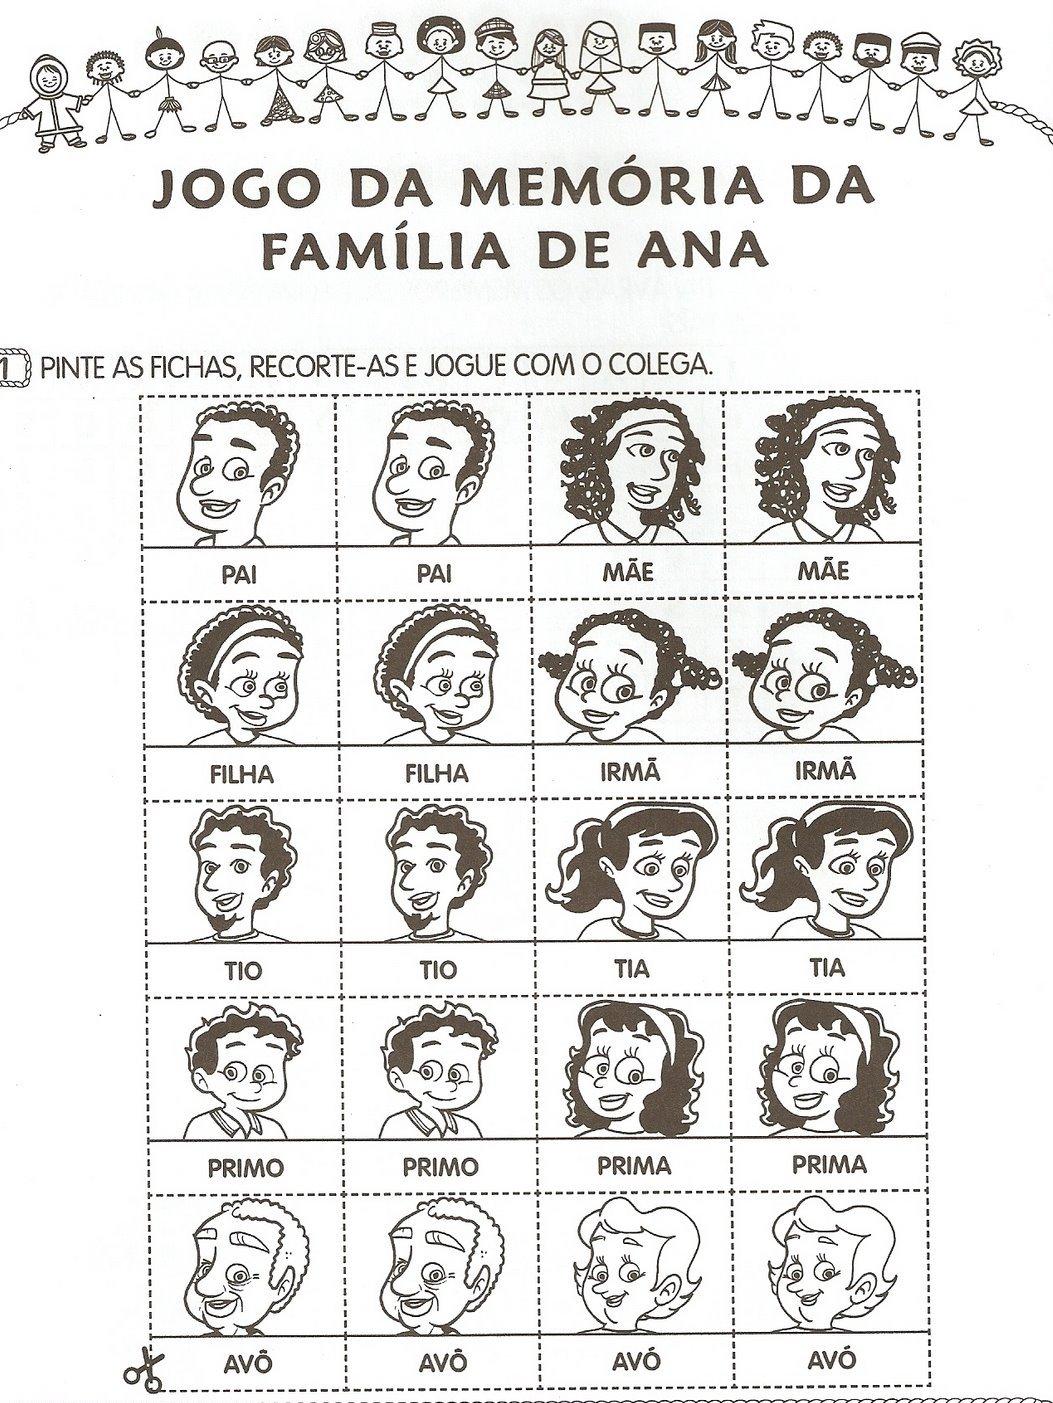 Programa brasileiro de inclusao digital 1a - 2 part 8